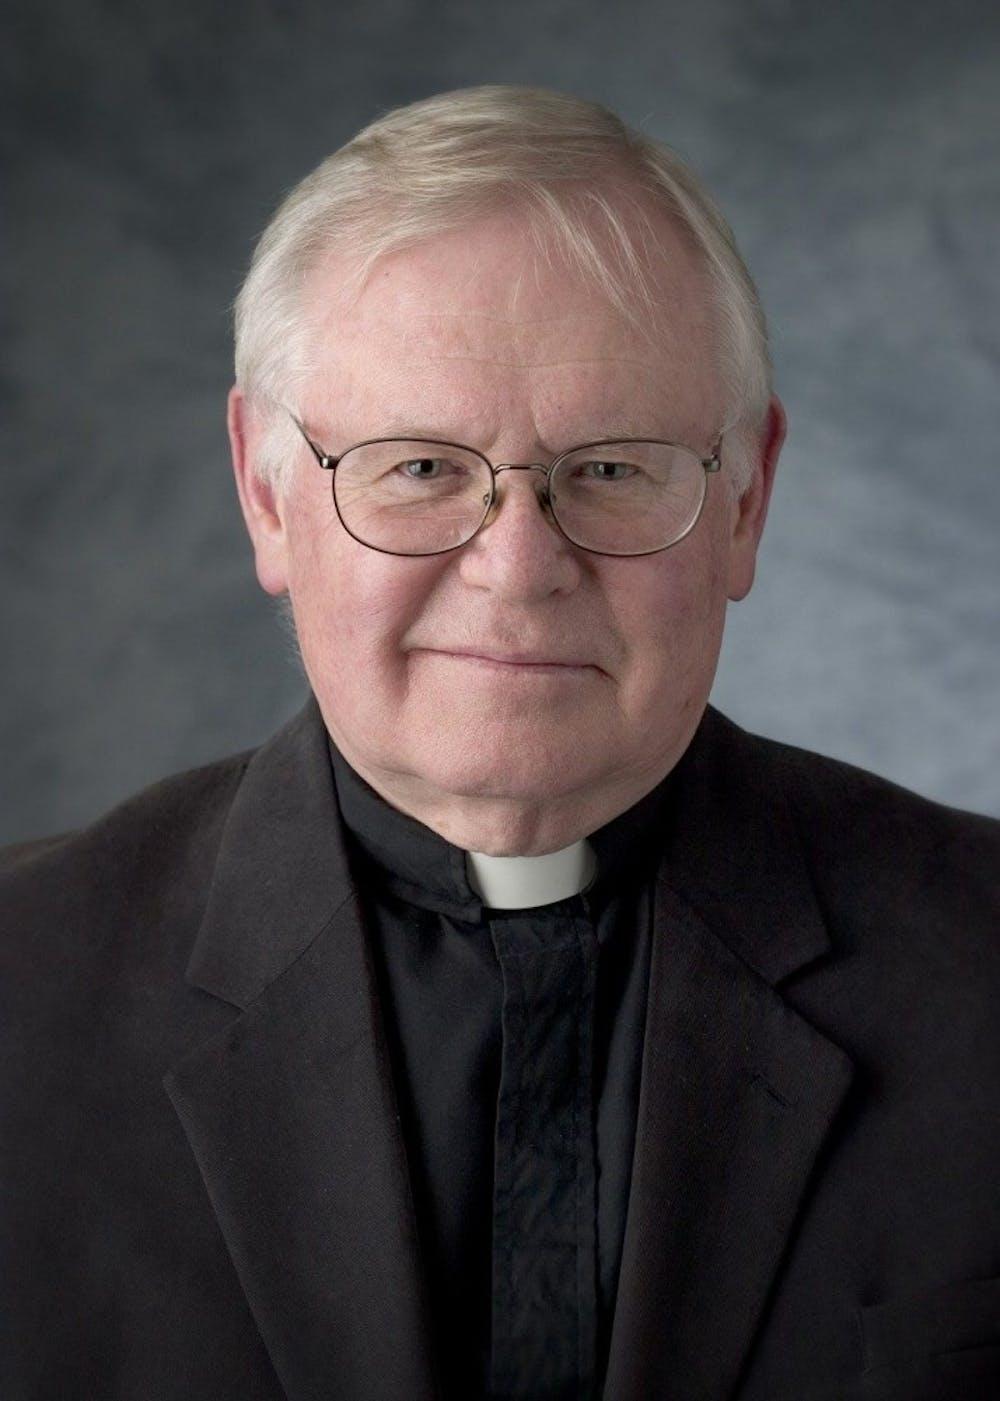 Fr. David Sherrer in 2005. Photo via the University Archives.